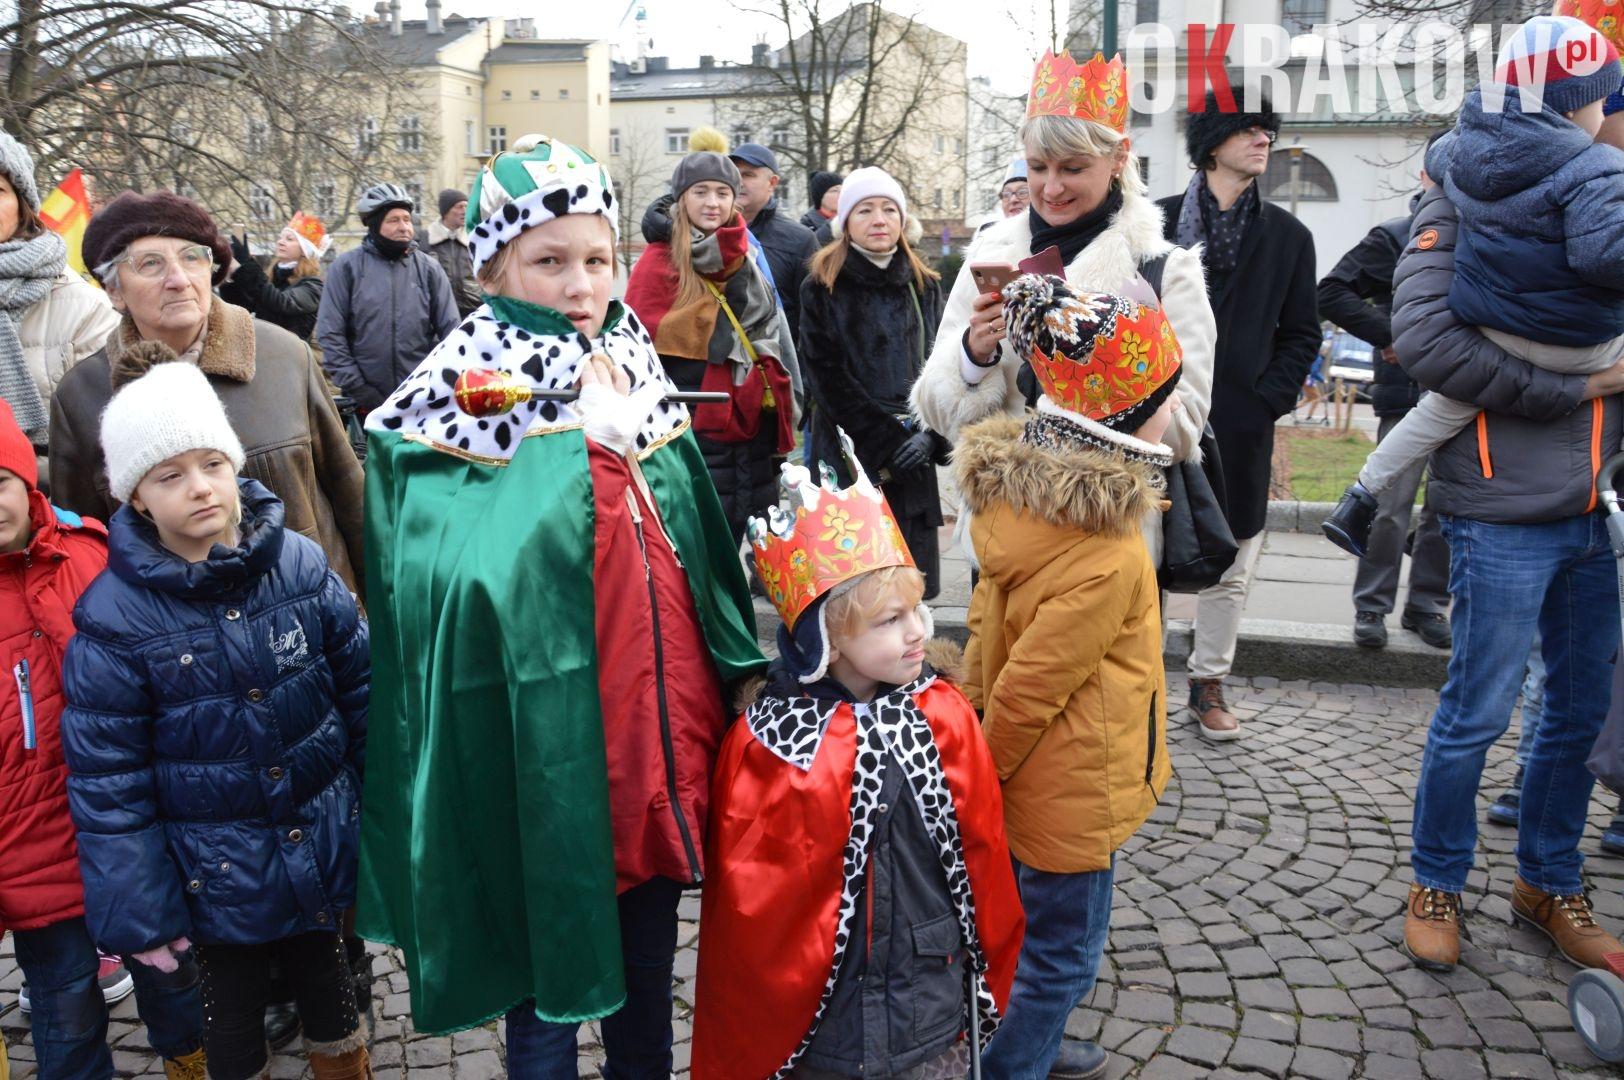 orszak 27 1 150x150 - Orszak Trzech Króli Kraków 2020 Galeria Zdjęć z Orszaku (czerwonego)